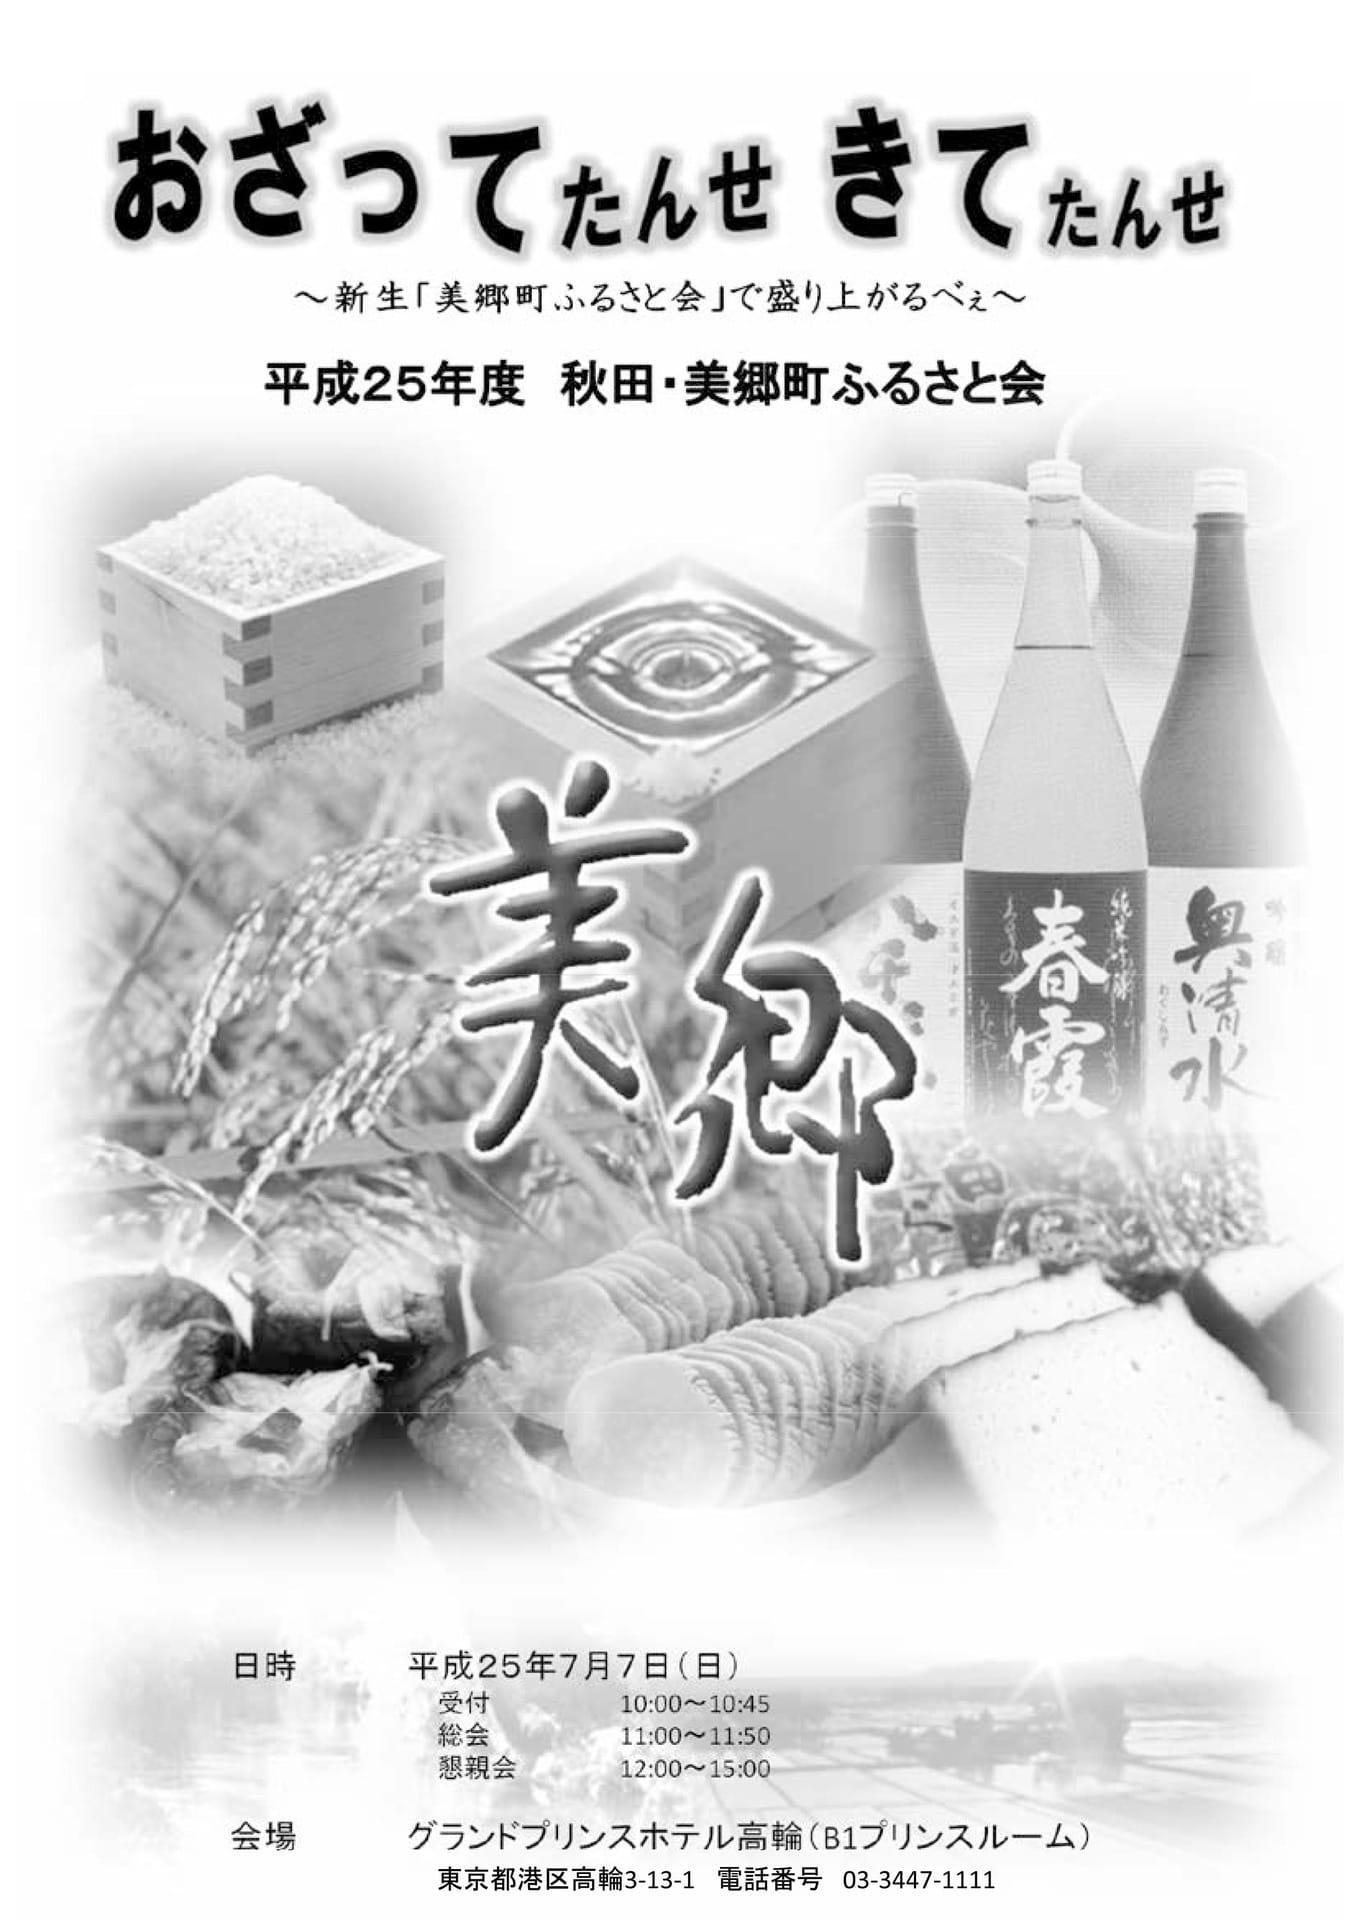 第1回秋田・美郷町ふるさと会パンフレット(テーマ、日時、会場)